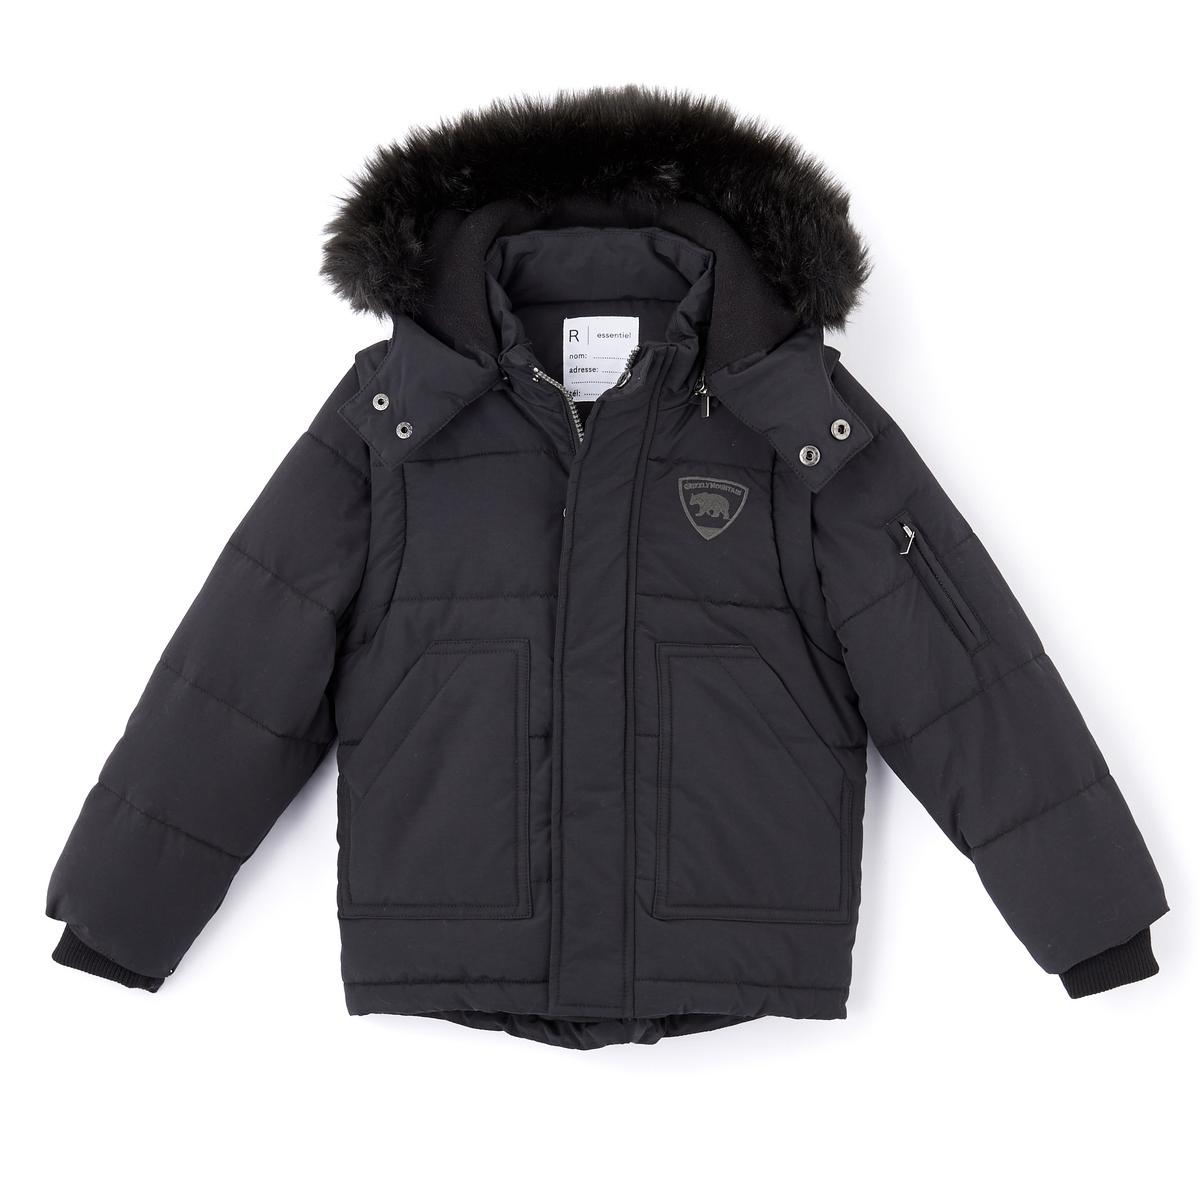 Куртка стеганая с капюшоном для мальчика, 3-12 летОписание:Детали •  Зимняя модель •  Непромокаемое •  Застежка на молнию •  С капюшоном •  Длина  : укороченная  Состав и уход •  55% хлопка, 45% полиамида •  Наполнитель : 100% полиэстер •  Температура стирки 30° •  Гладить при низкой температуре / не отбеливать • Барабанная сушка на слабом режиме       • Сухая чистка запрещена   Преимущества •  Съемные рукава •  Съемный капюшон •  Съемная оторочка из искусственного меха •  Внутренняя флисовая подкладка •  Внутренний карман<br><br>Цвет: темно-зеленый,черный<br>Размер: 8 лет - 126 см.6 лет - 114 см.5 лет - 108 см.4 года - 102 см.3 года - 94 см.4 года - 102 см.10 лет - 138 см.10 лет - 138 см.8 лет - 126 см.6 лет - 114 см.12 лет -150 см.12 лет -150 см